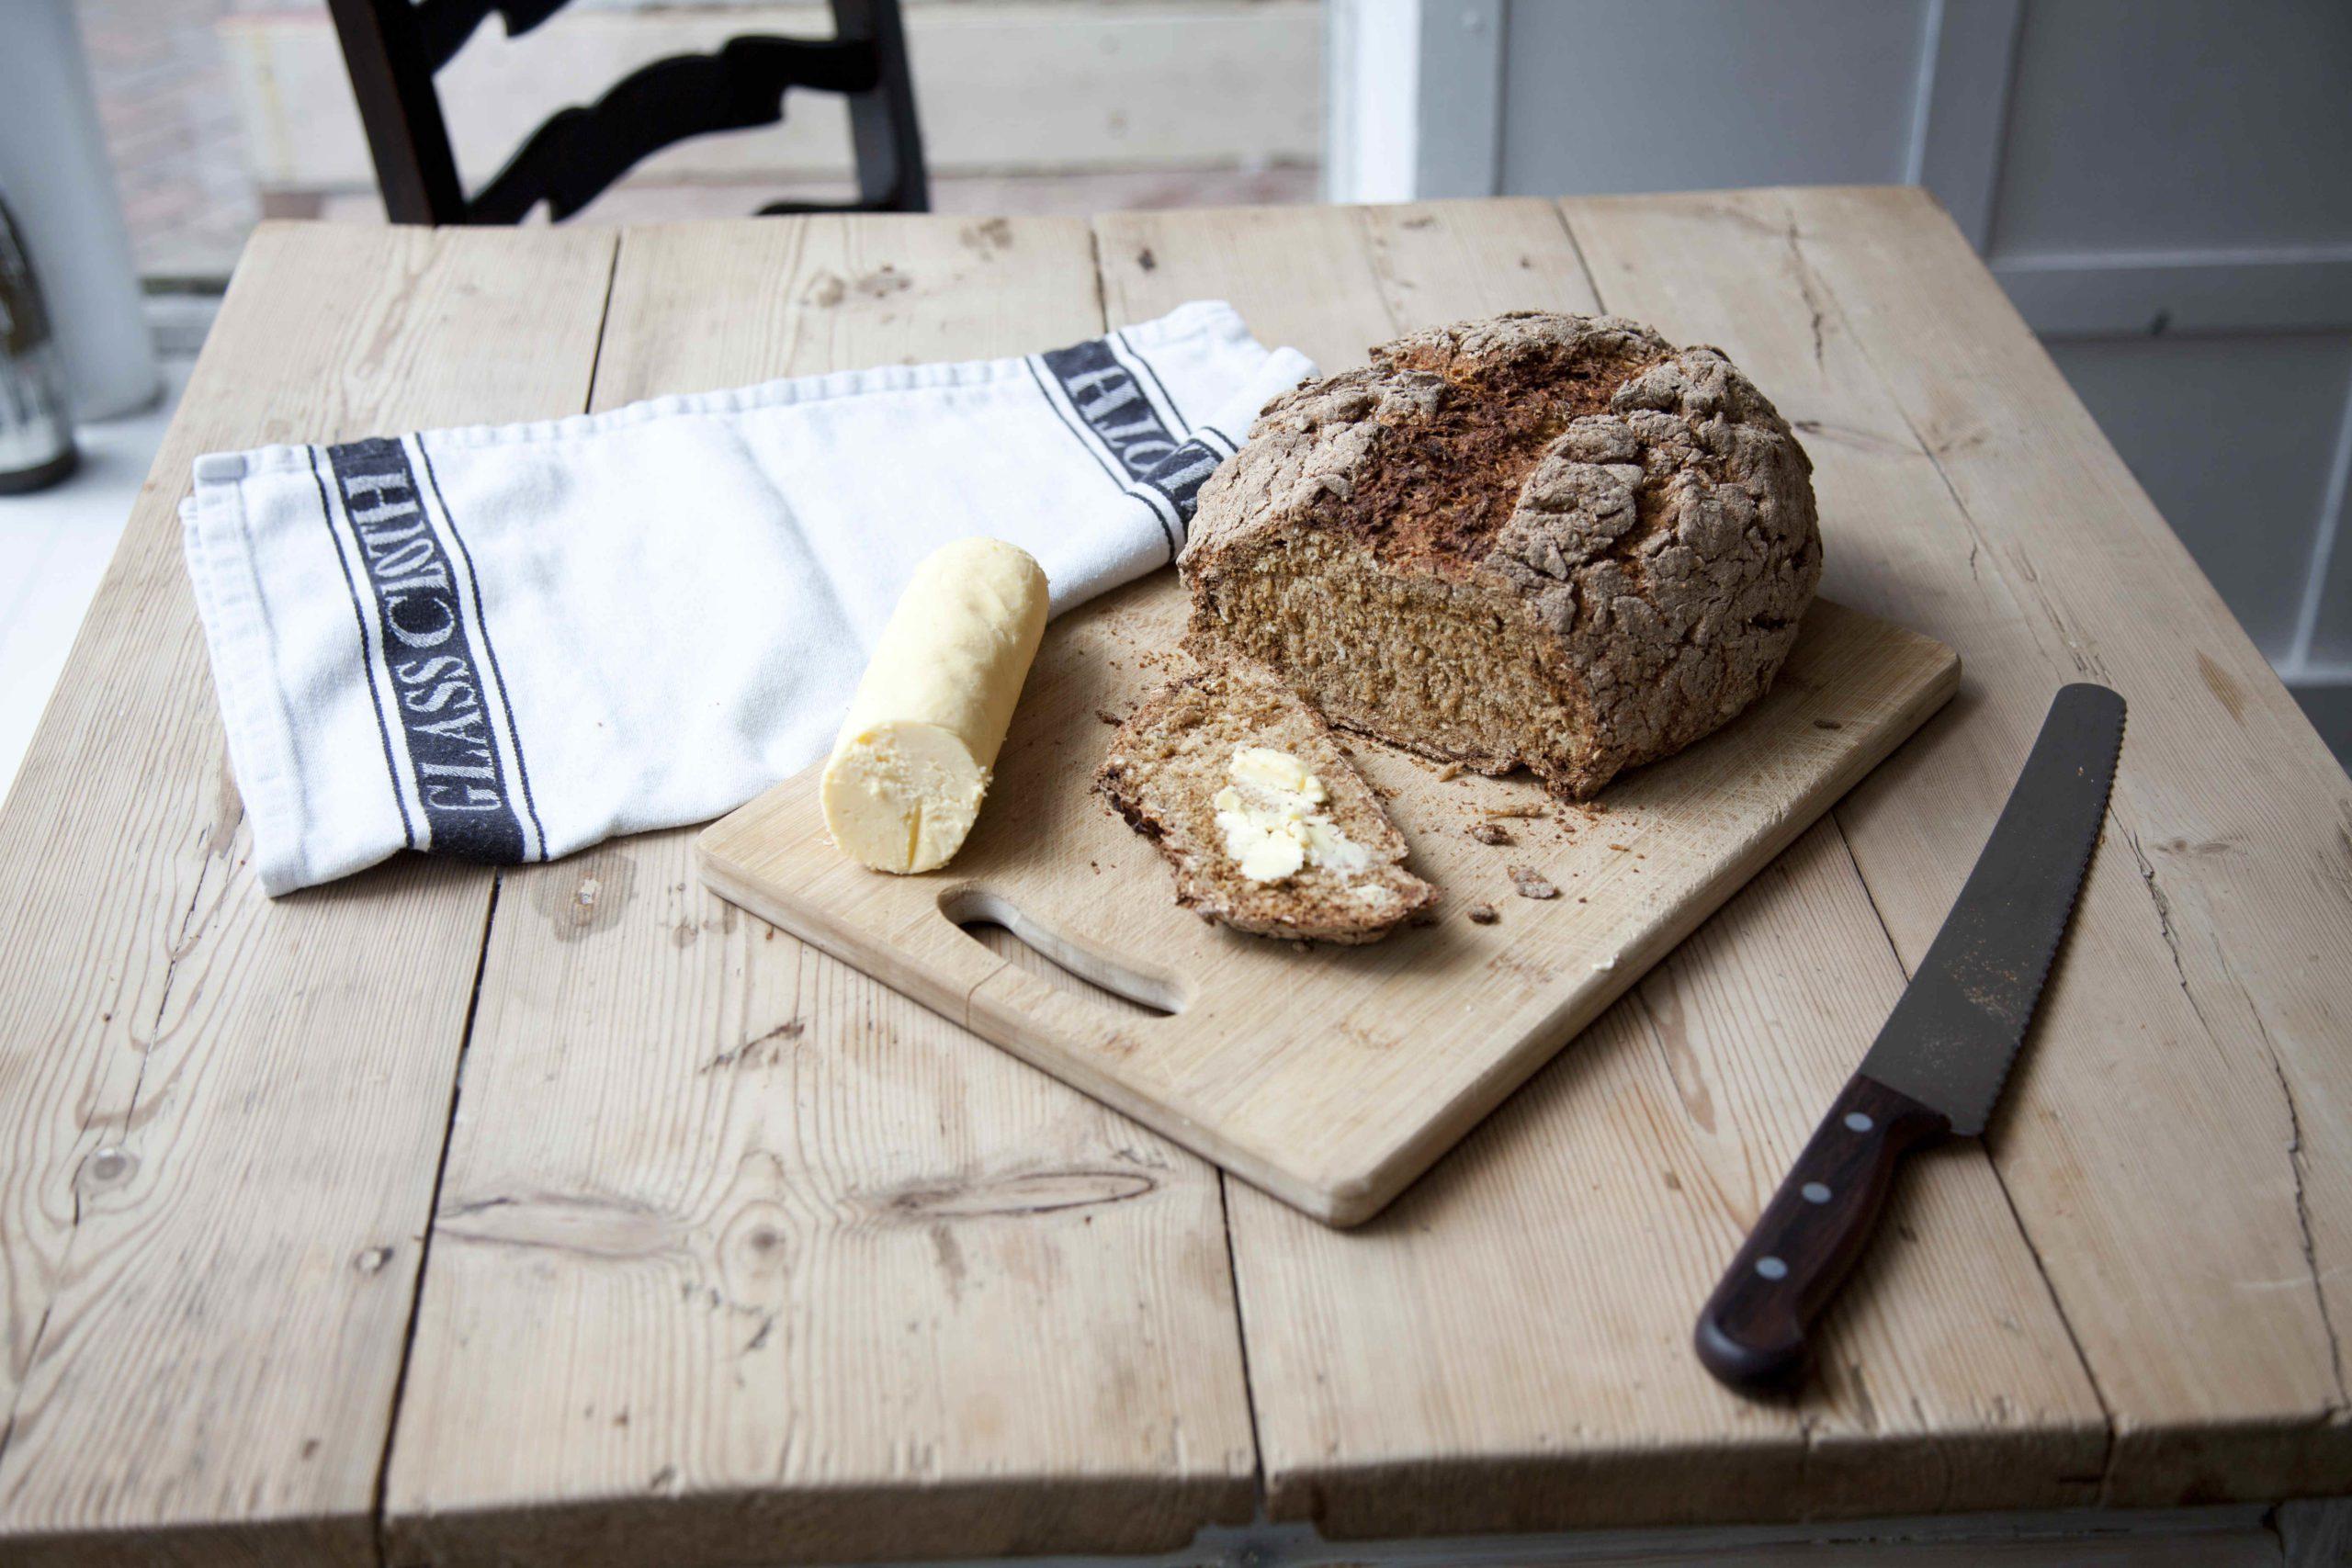 Folkestone Wine Company Bread